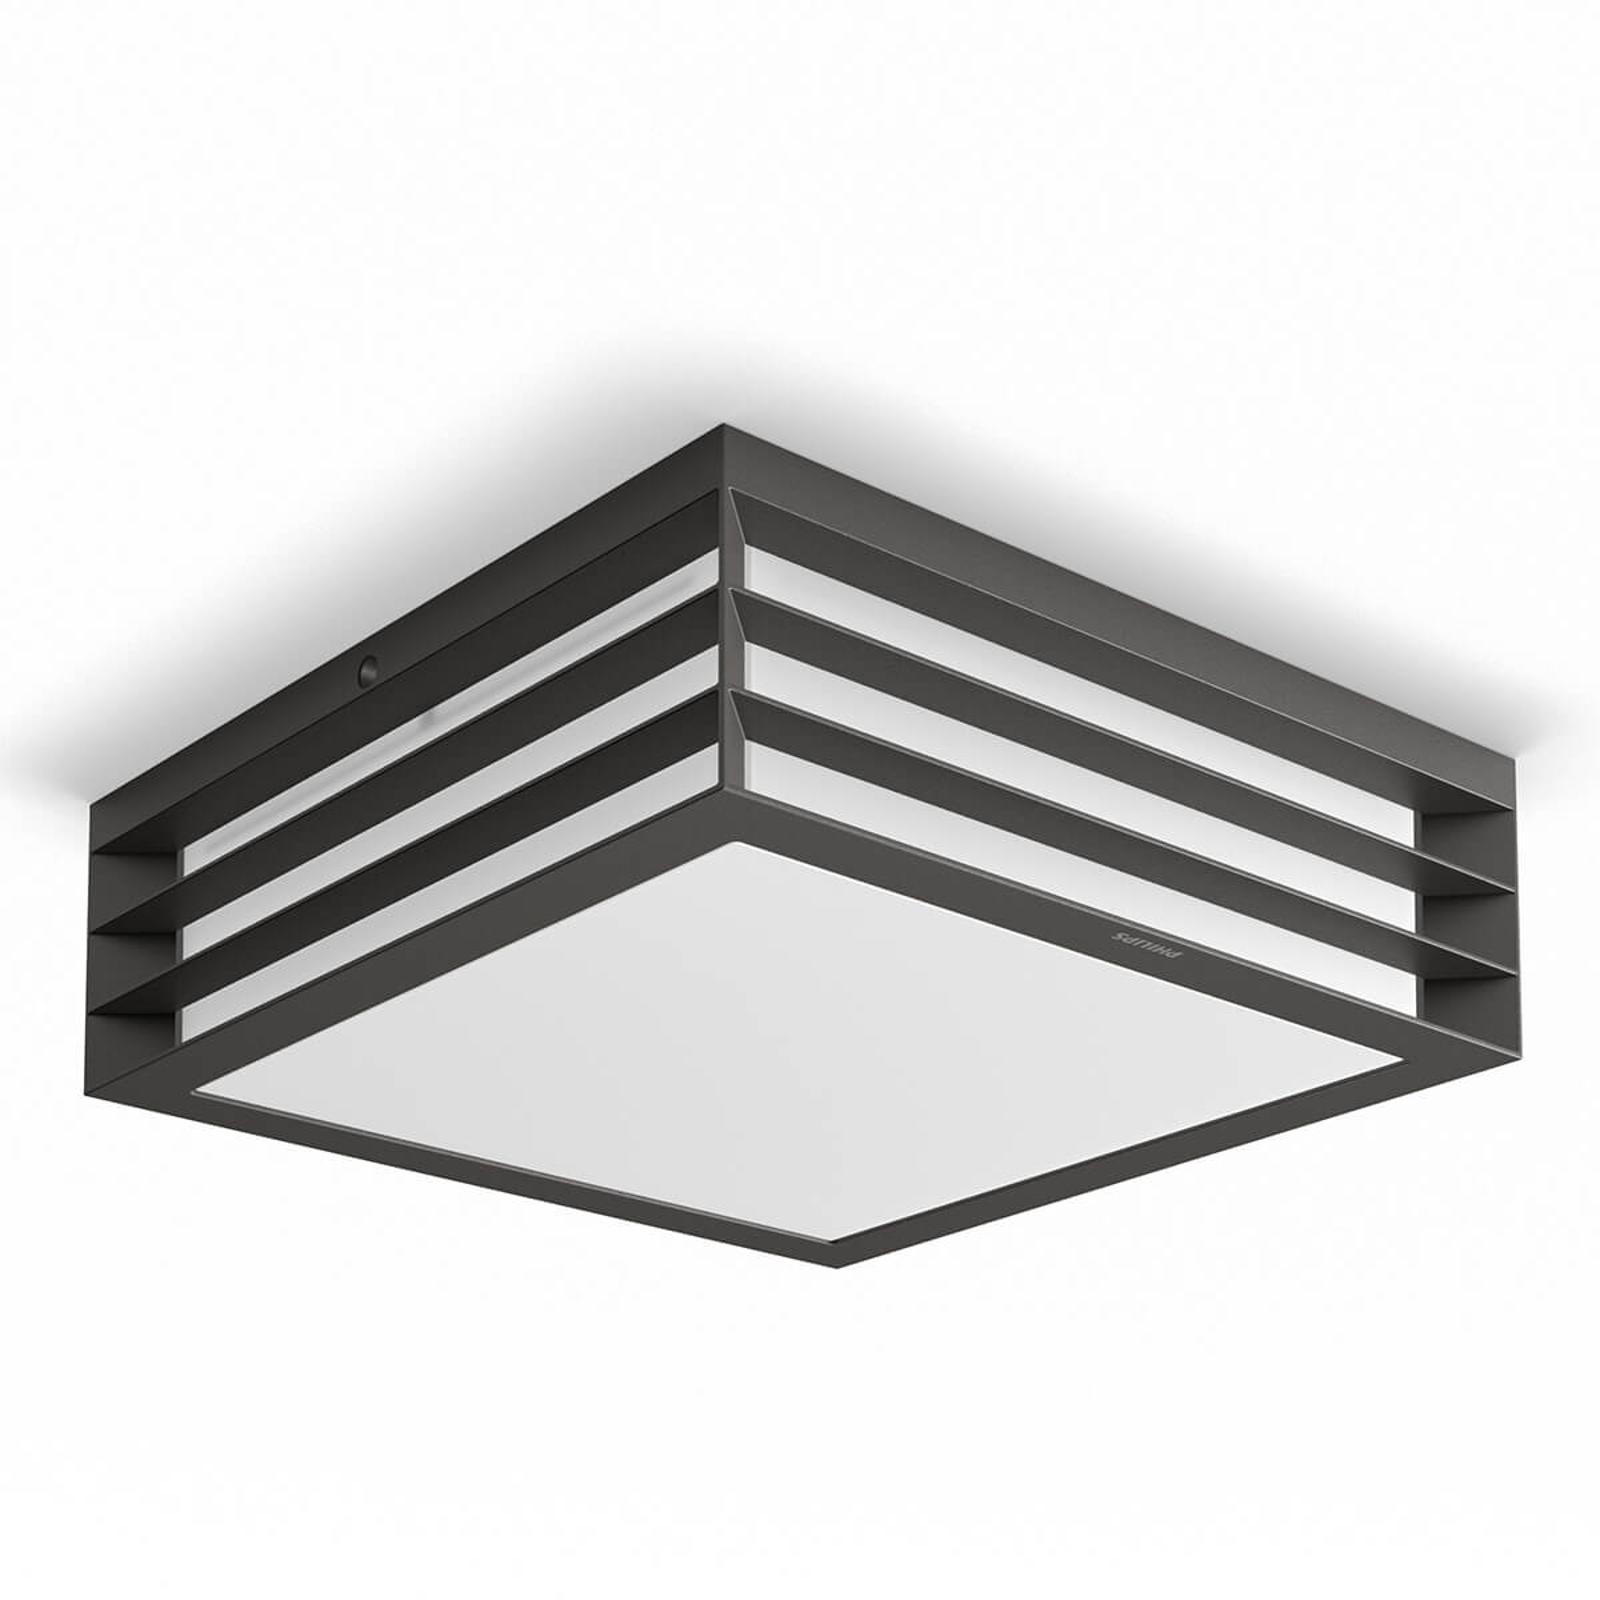 Moonshine myGarden ceiling light for outdoors_7531950_1